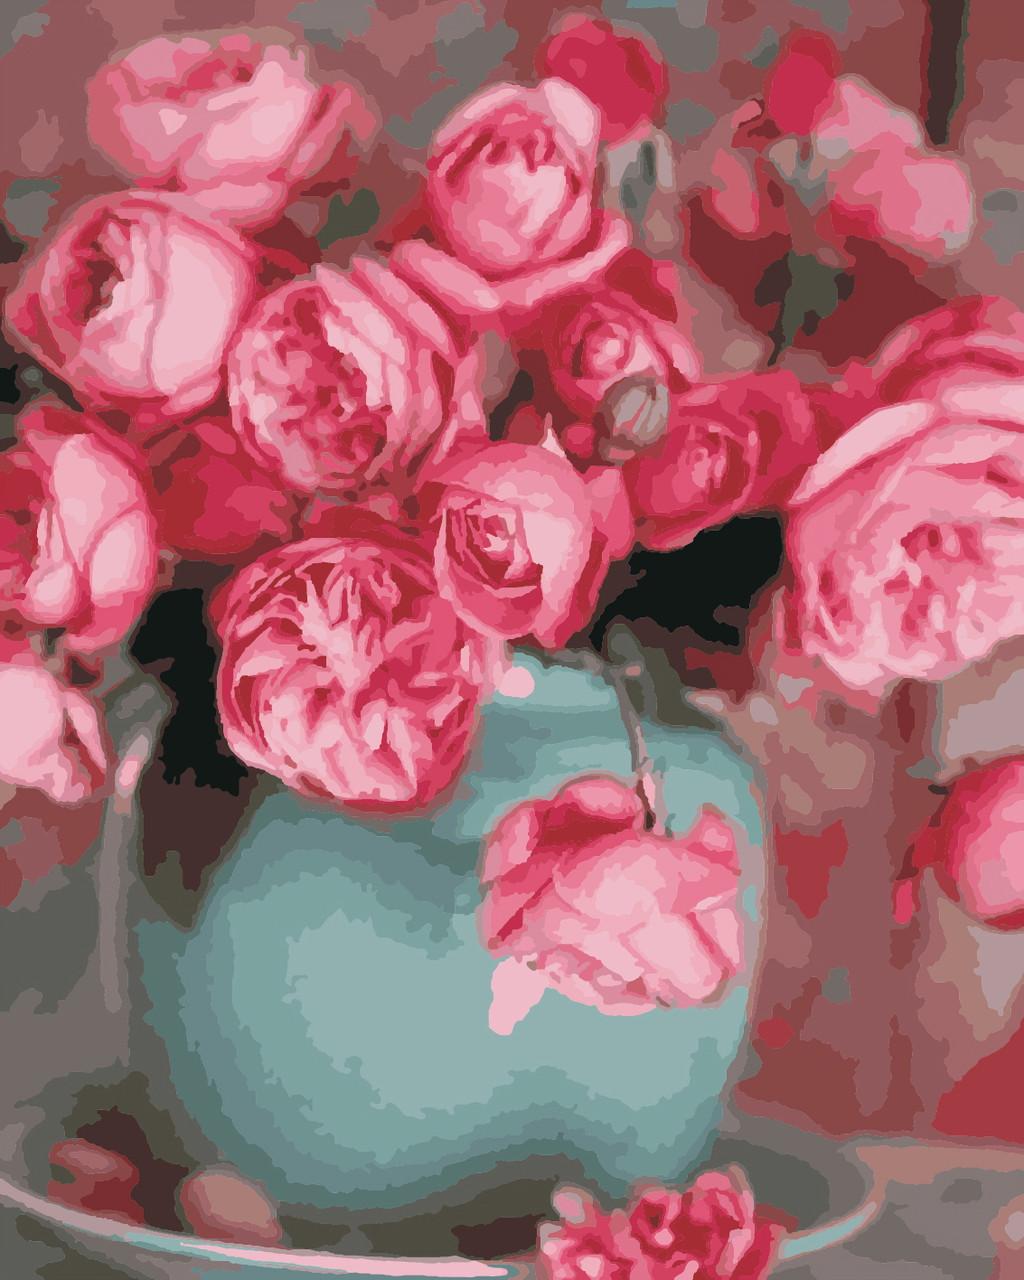 Художественный творческий набор, картина по номерам Розы в вазе, 40x50 см, «Art Story» (AS0332)